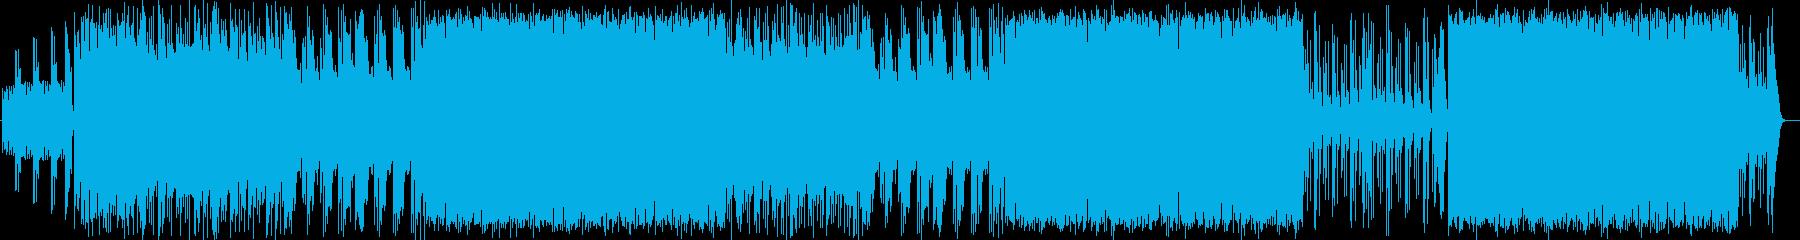 和風/和楽器/掛け声/は!・よ!/A2の再生済みの波形